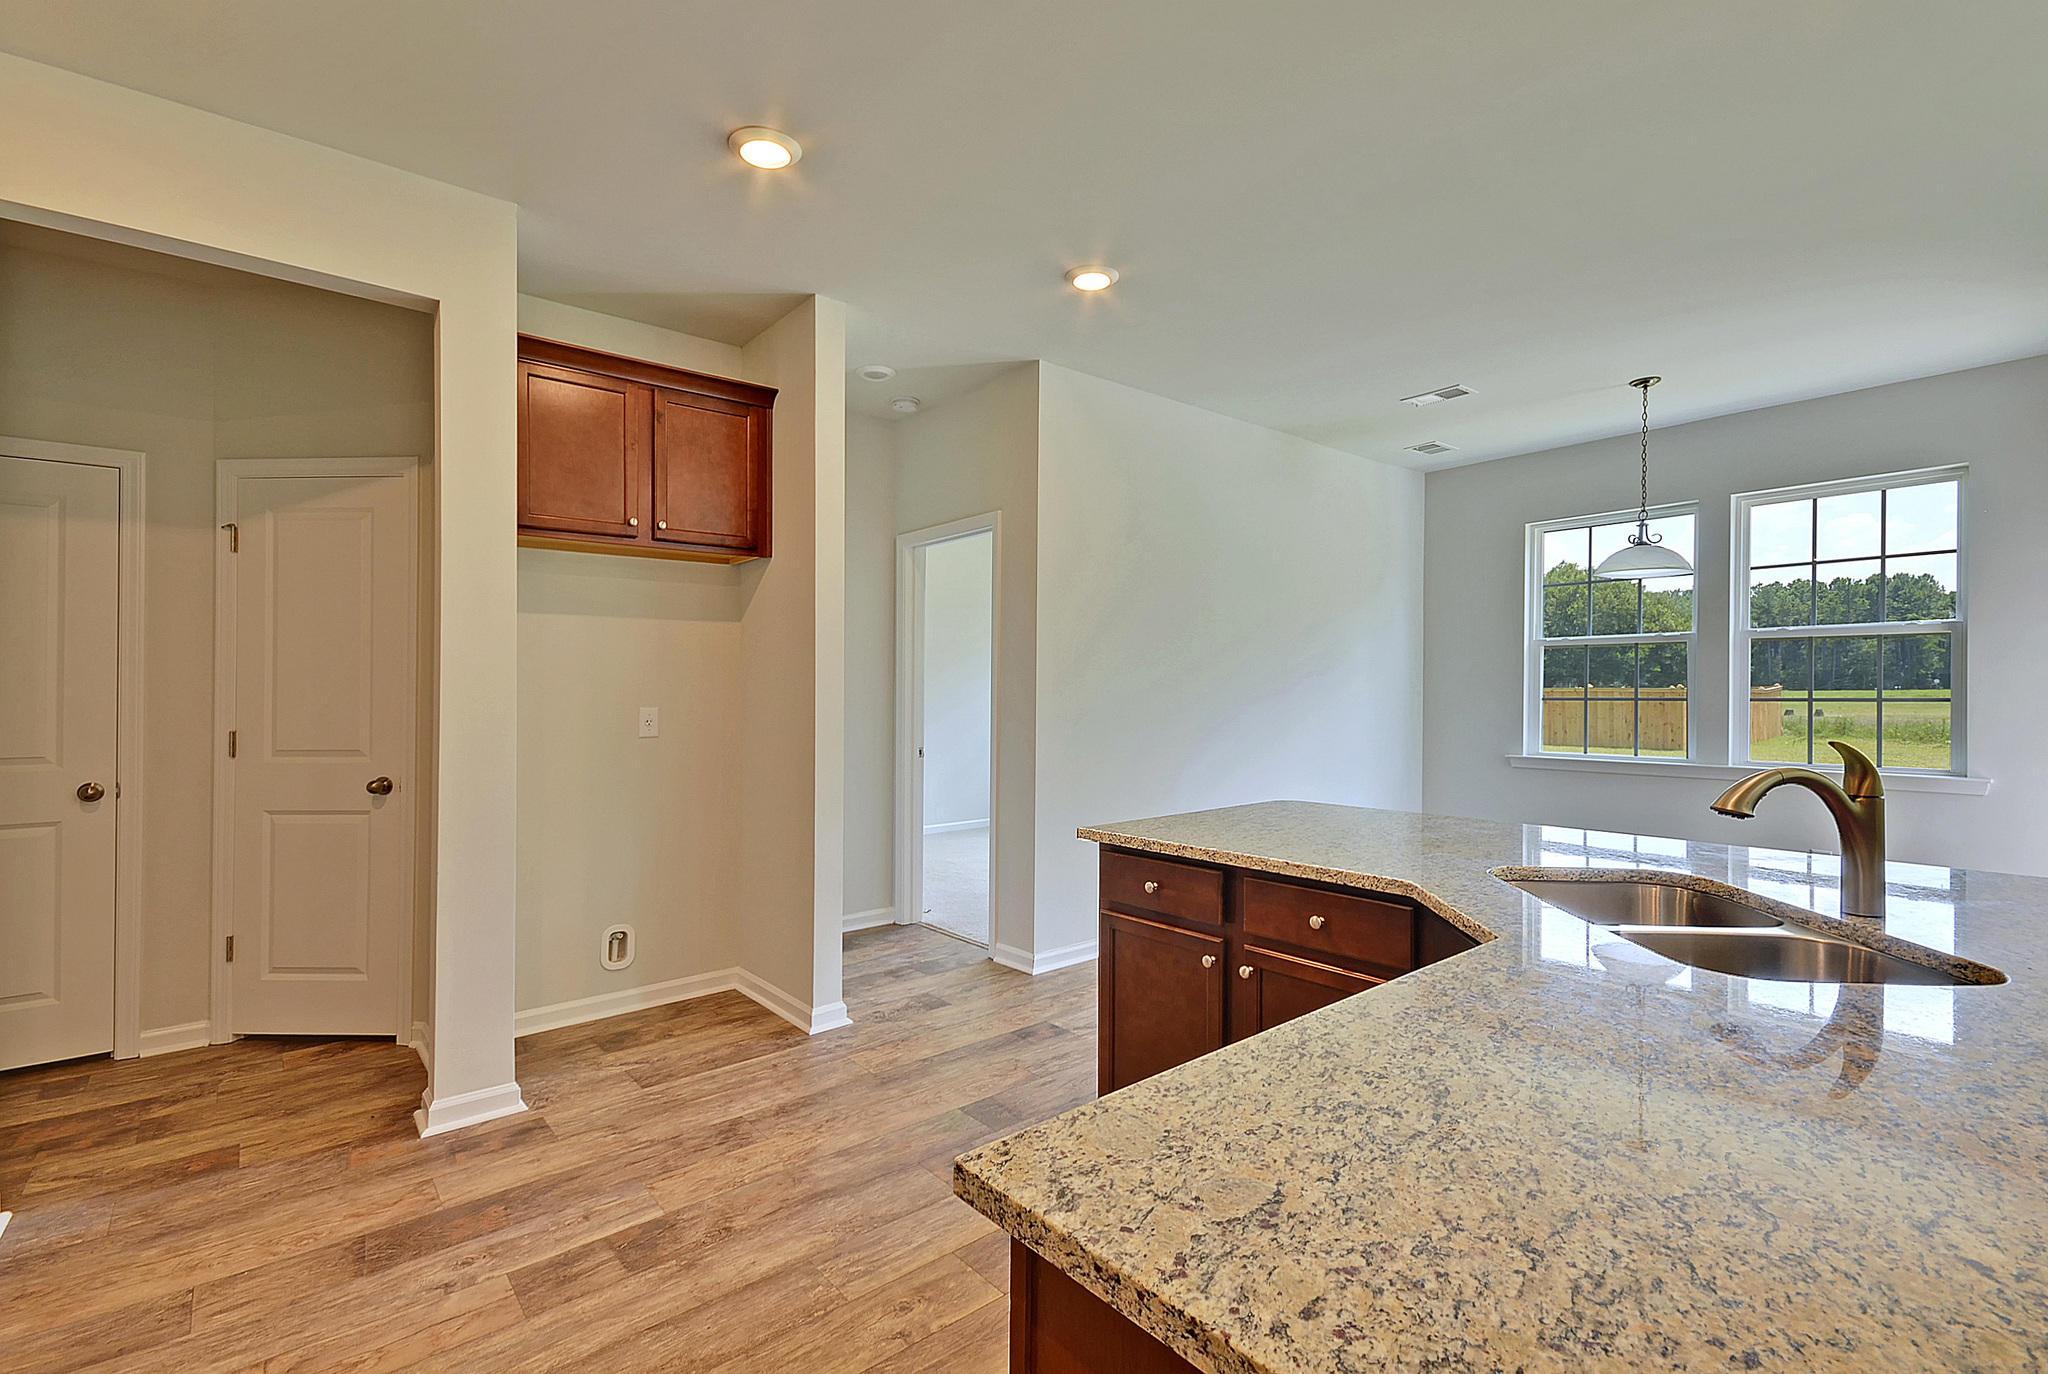 Park West Homes For Sale - 3049 Caspian, Mount Pleasant, SC - 15